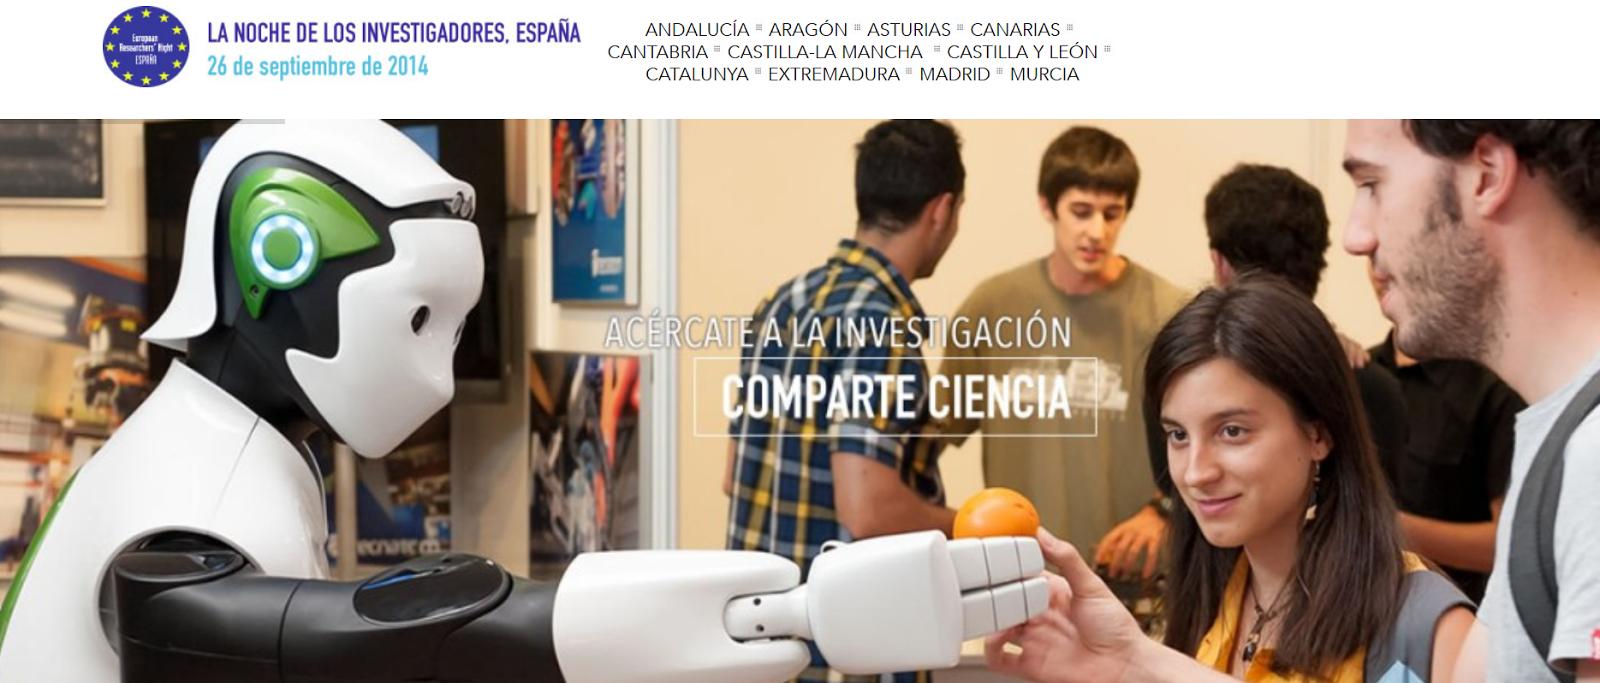 http://www.lanochedelosinvestigadores.es/